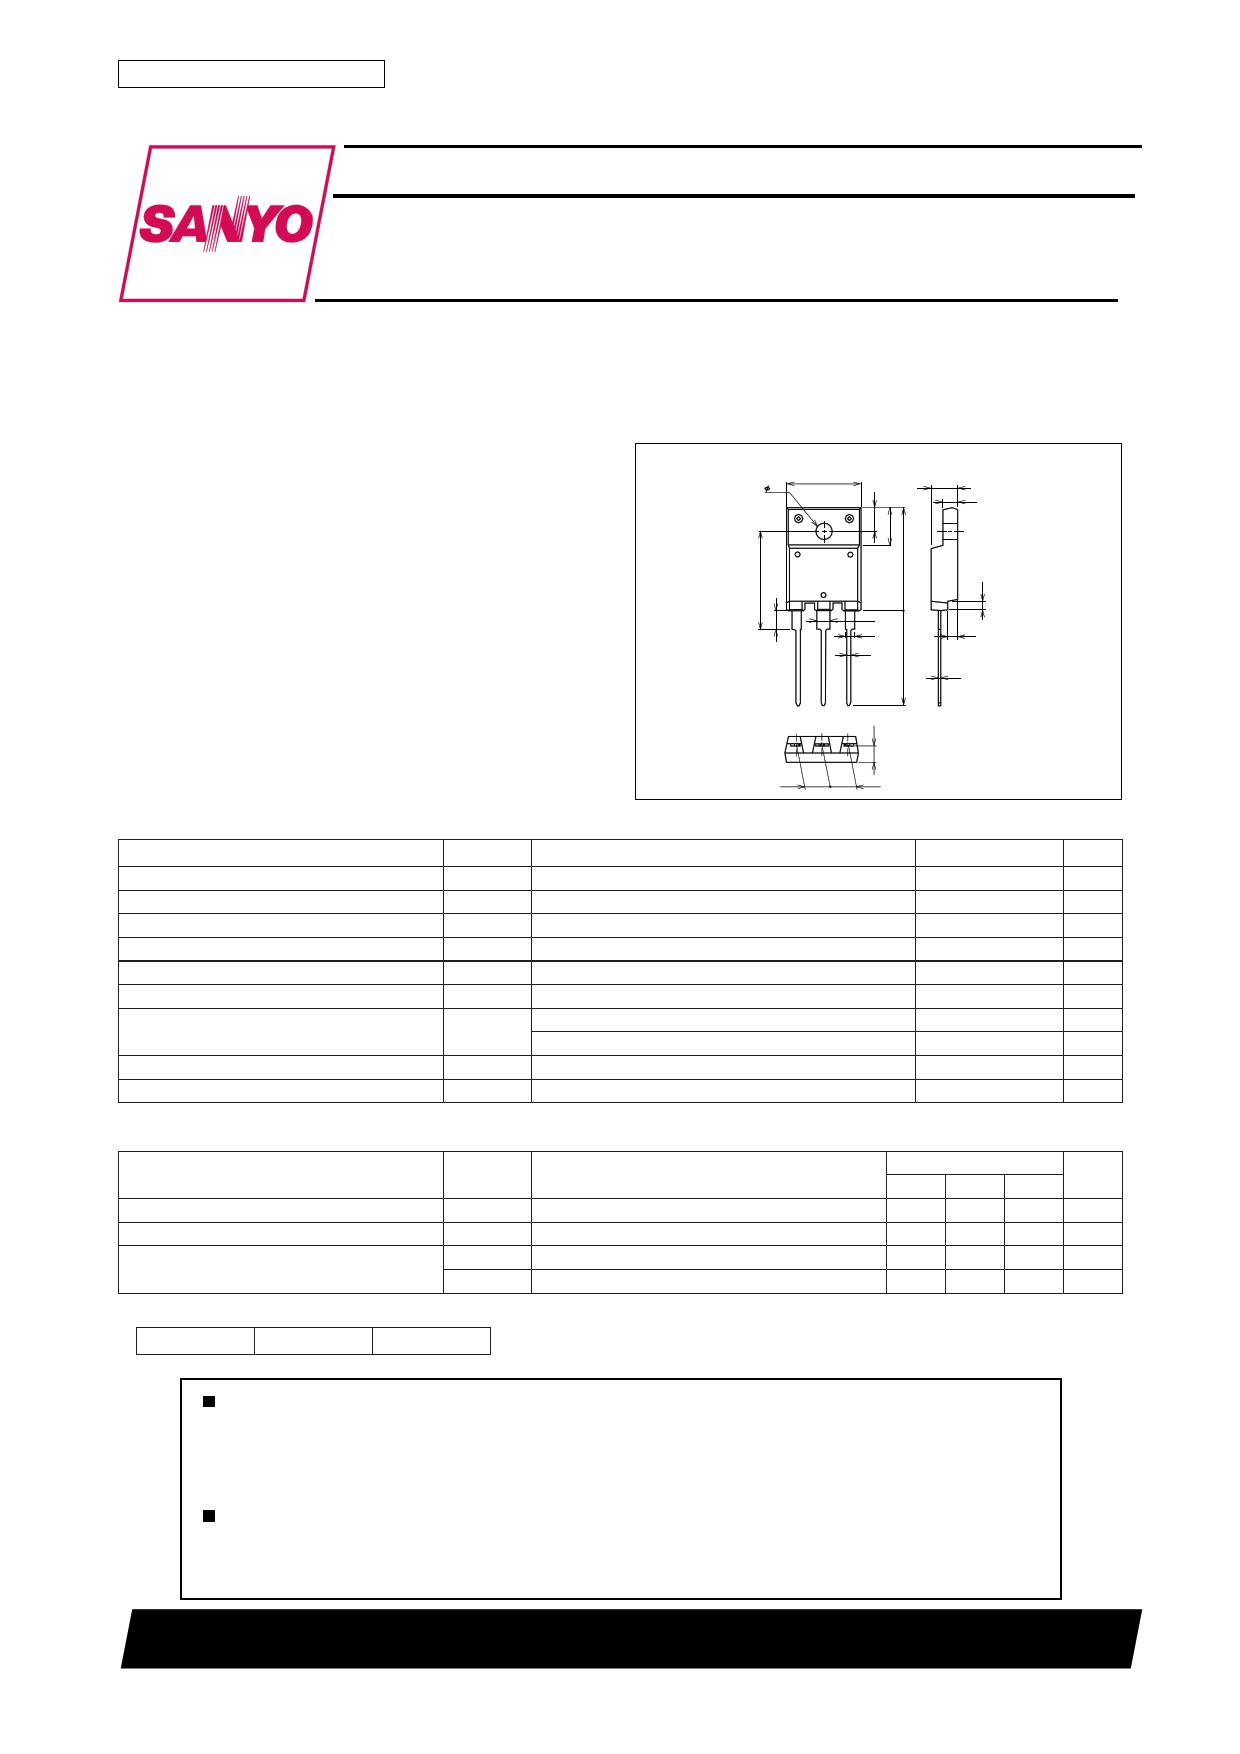 C4429 datasheet, circuit